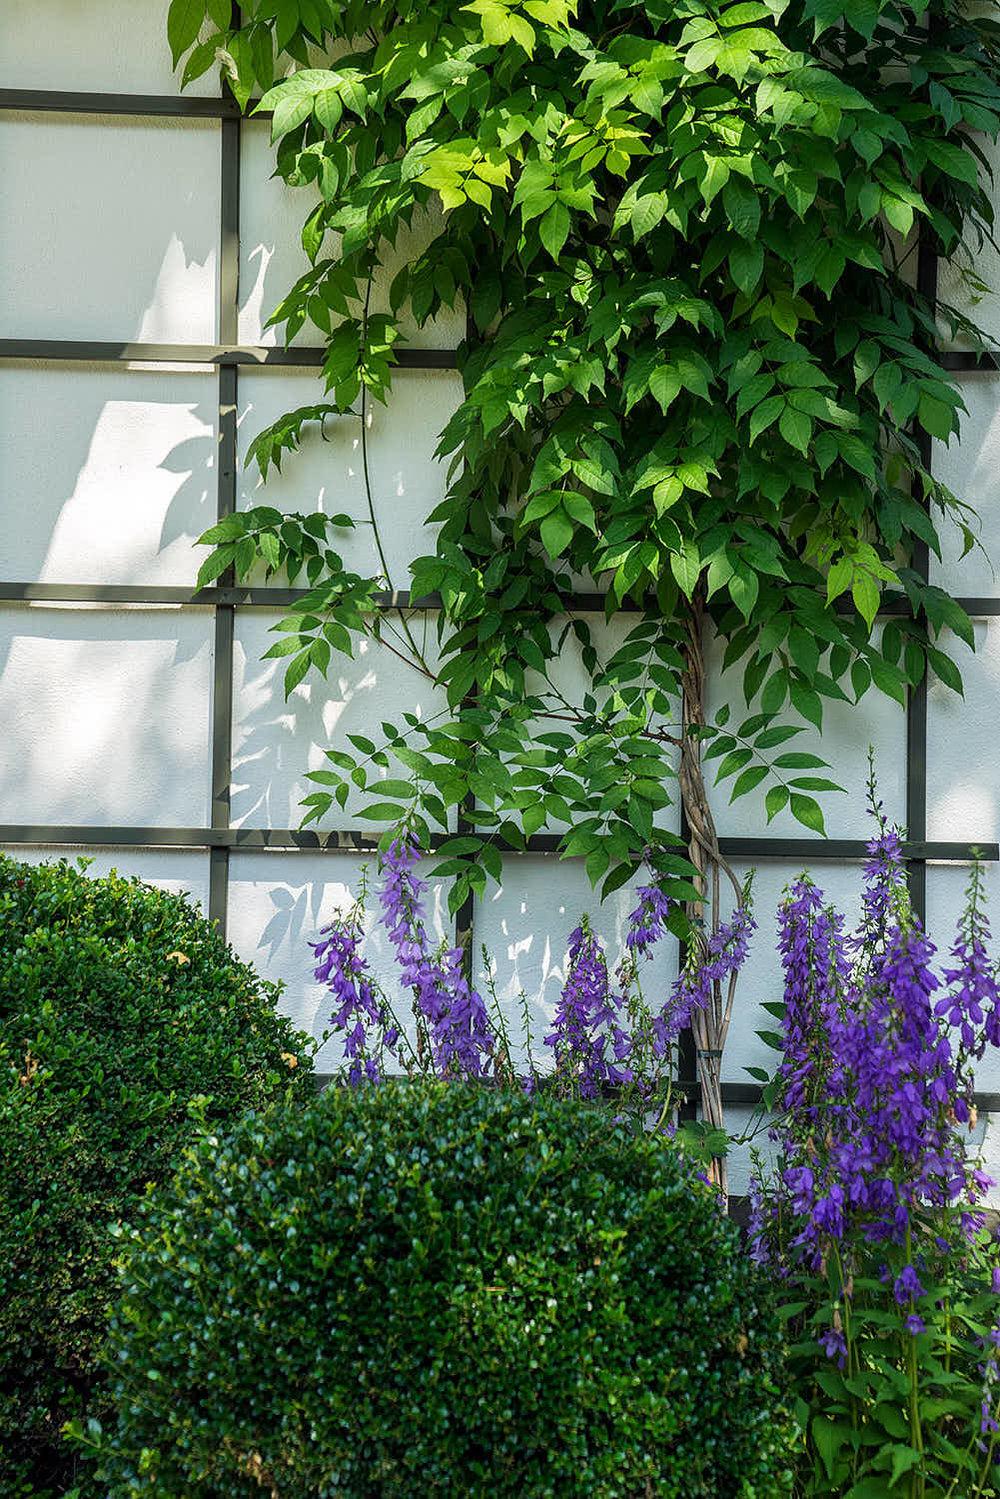 Epp-Gartenbau-Pflanzen-Pflege-80.jpg